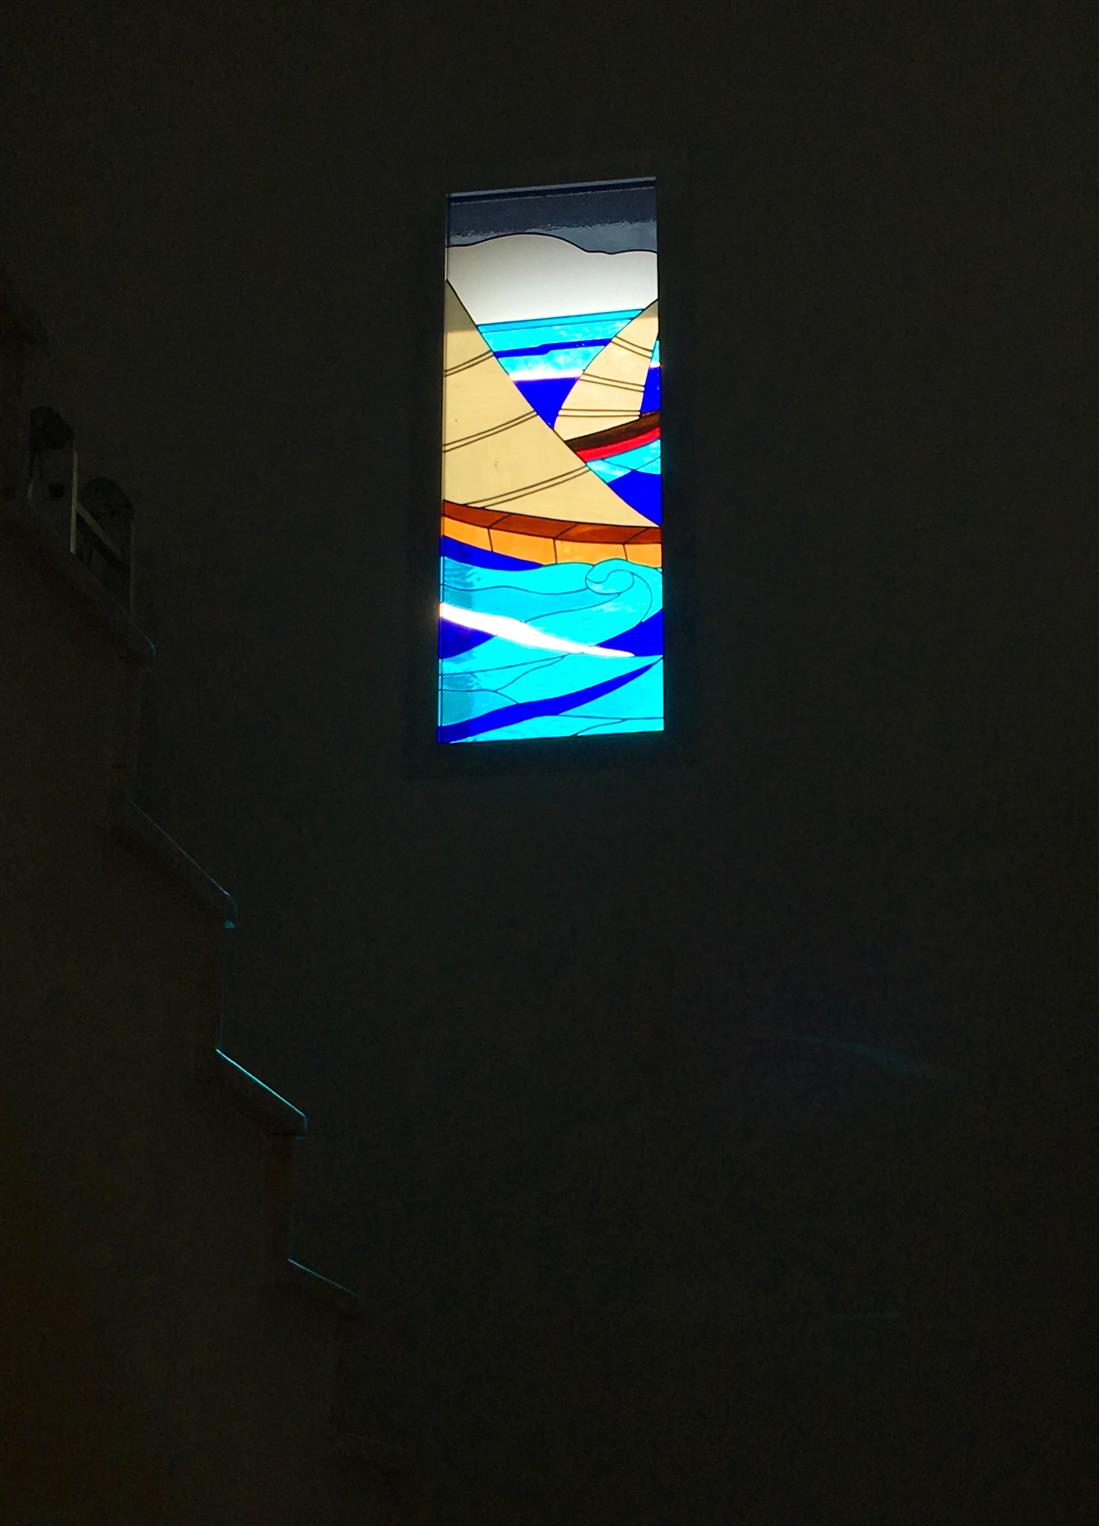 merdiven-cikisi-vitrayi-urla20171221193652532.jpg izmir vitray çalışması